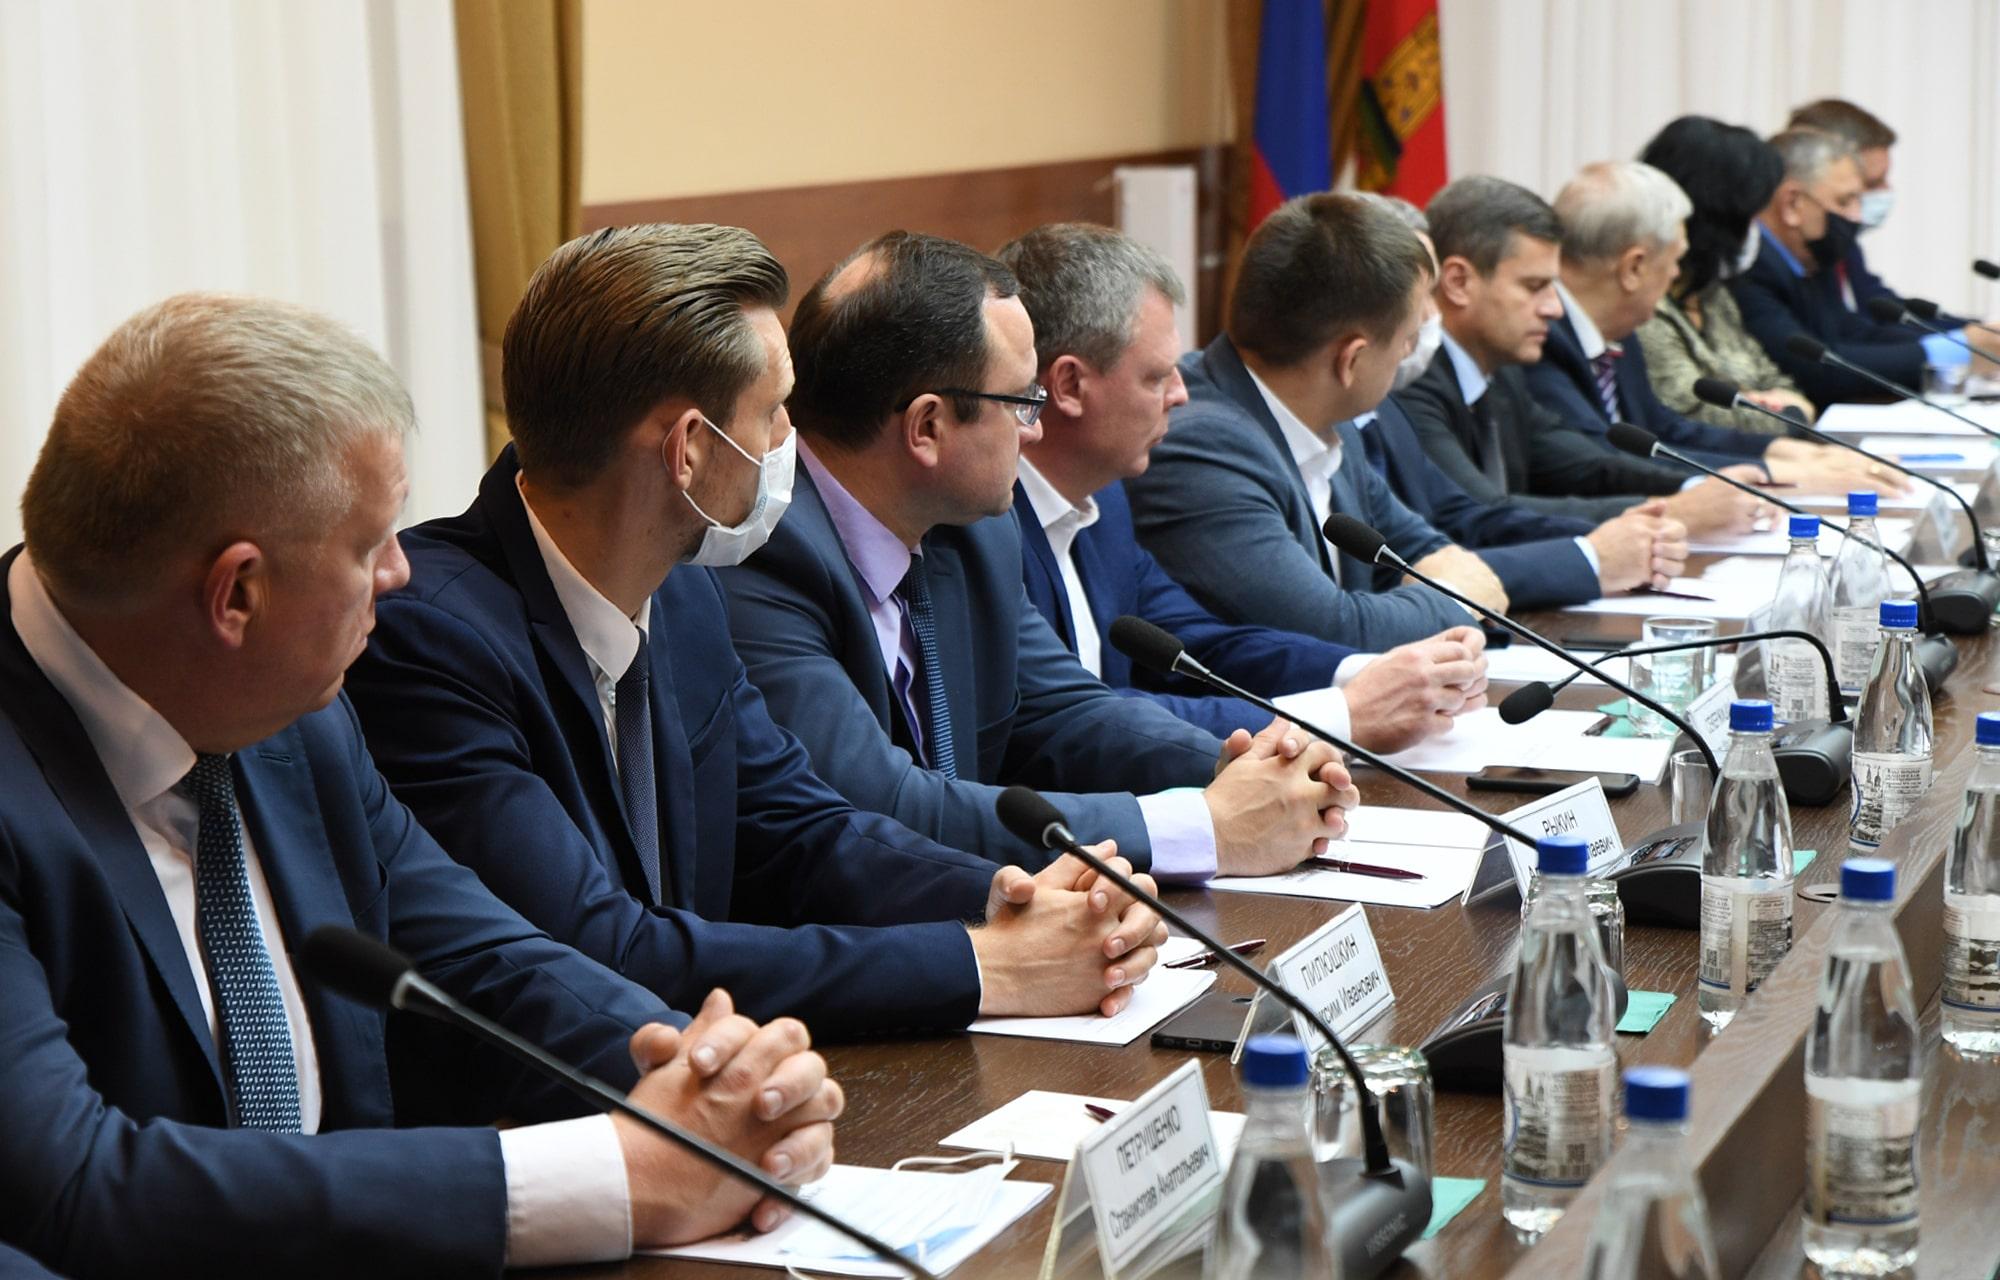 Игорь Руденя: депутаты должны активно включаться в решение важных для жителей задач